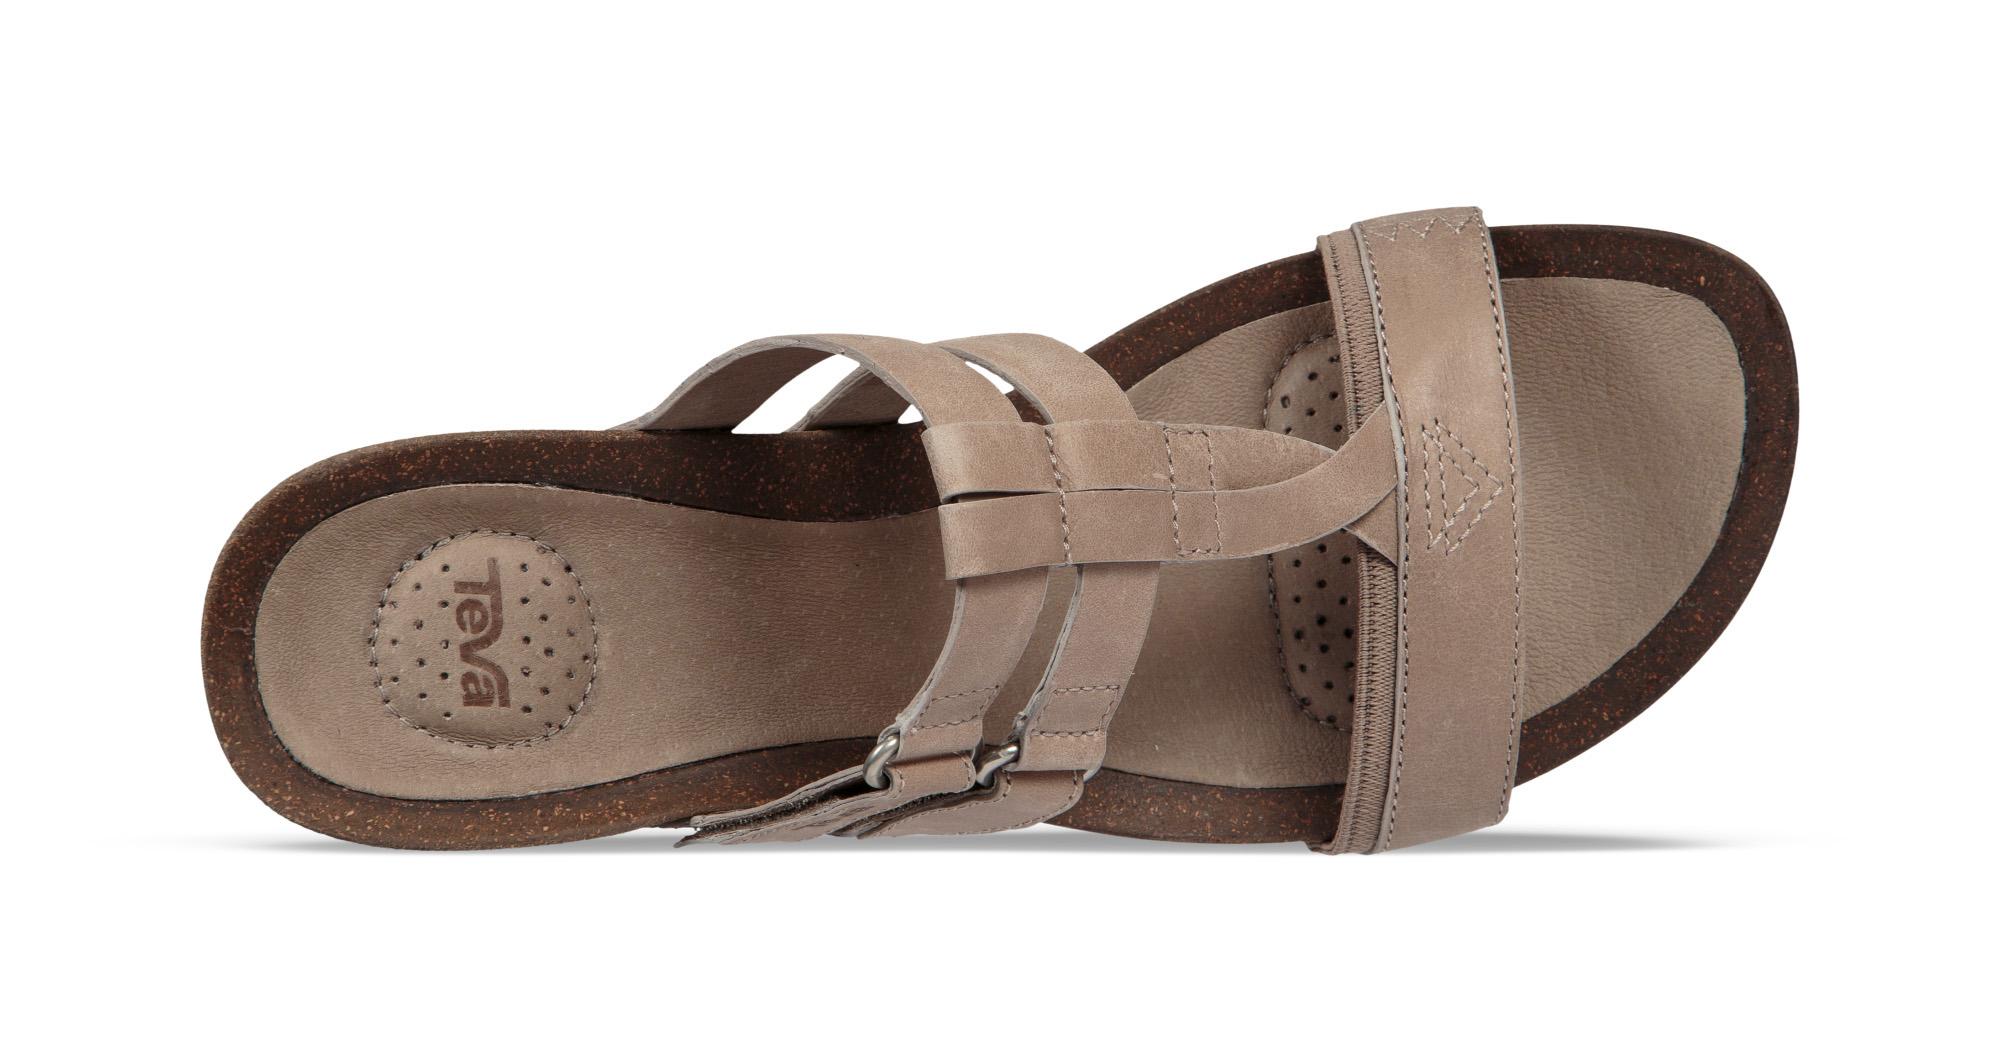 8e53f8016e3d Murdoch s – Teva - Women s Ysidro Universal Slip-On Wedge Sandal